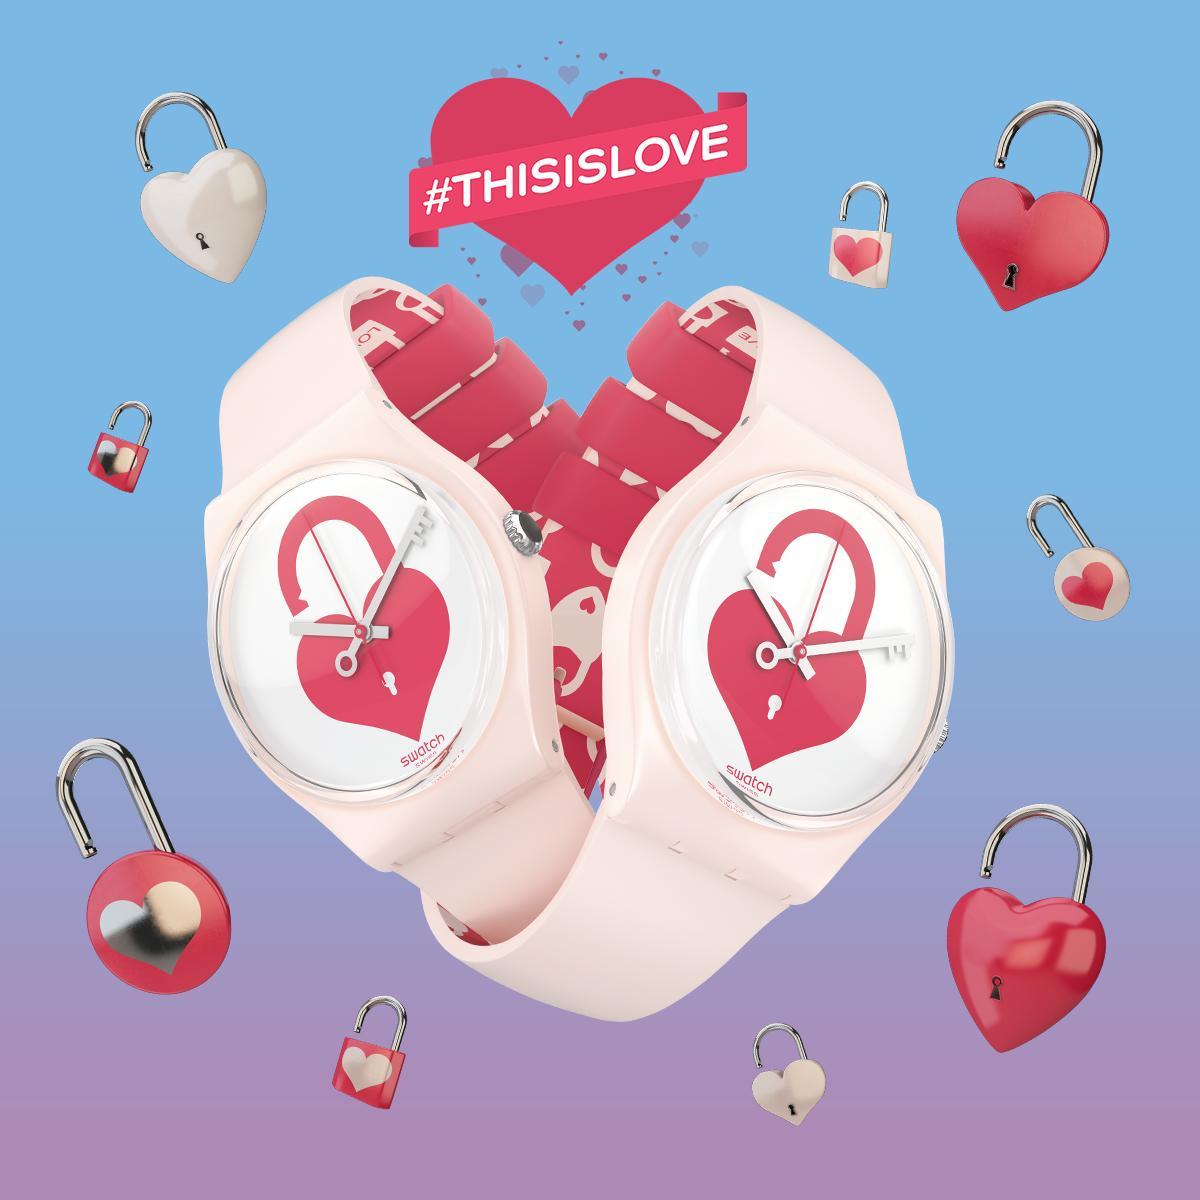 Kalbinin anahtarı kimde? Aşkı tarif et, sitede yayınlasın! Belki ödül kazanırsın;) http://t.co/8SXXLuKK9Z #ThisIsLove http://t.co/pe7UnSLR7c